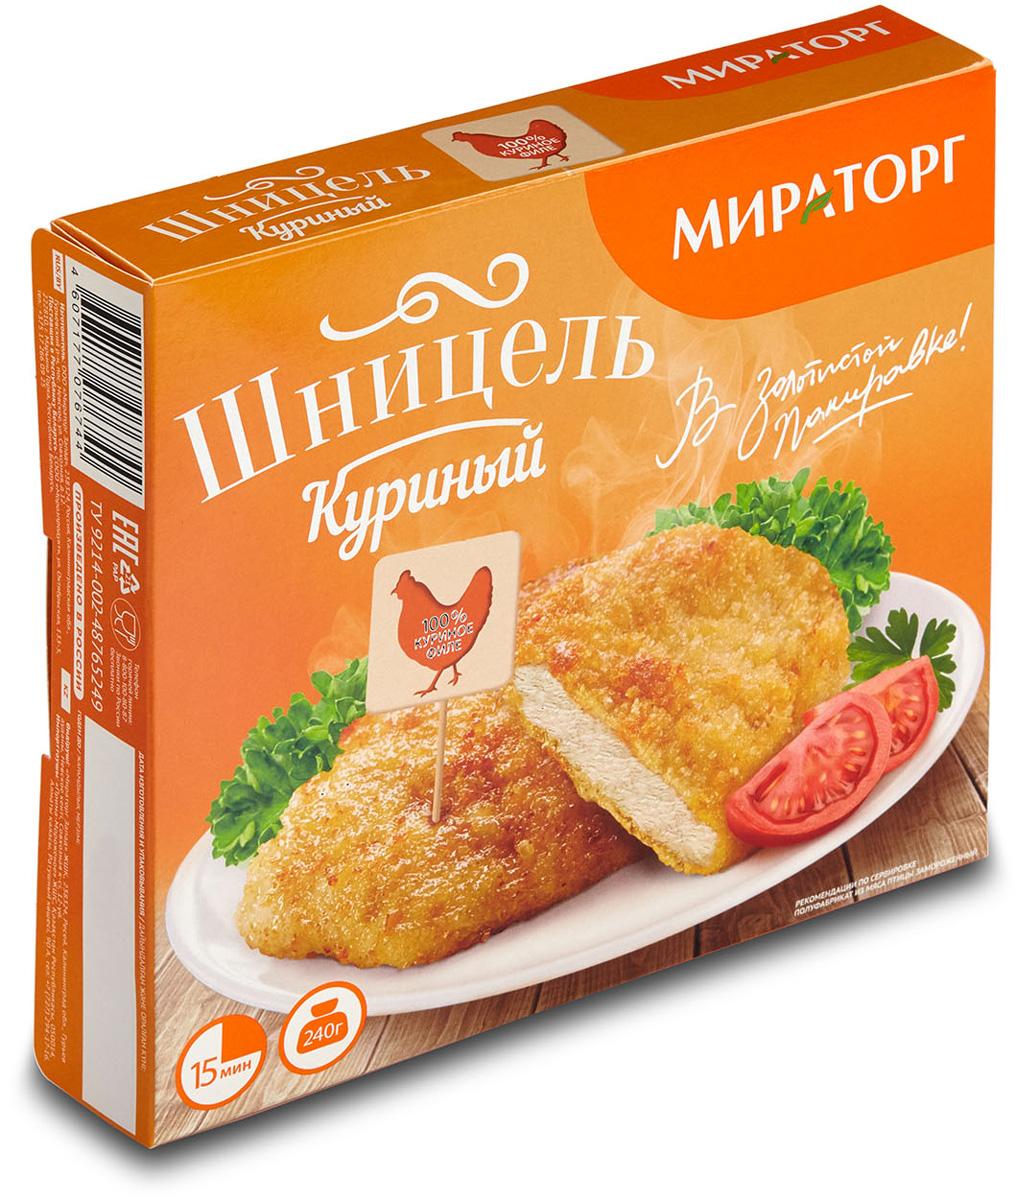 Шницель куриный Мираторг, 240 г кунжутное семя белое обжаренное 100 г индия